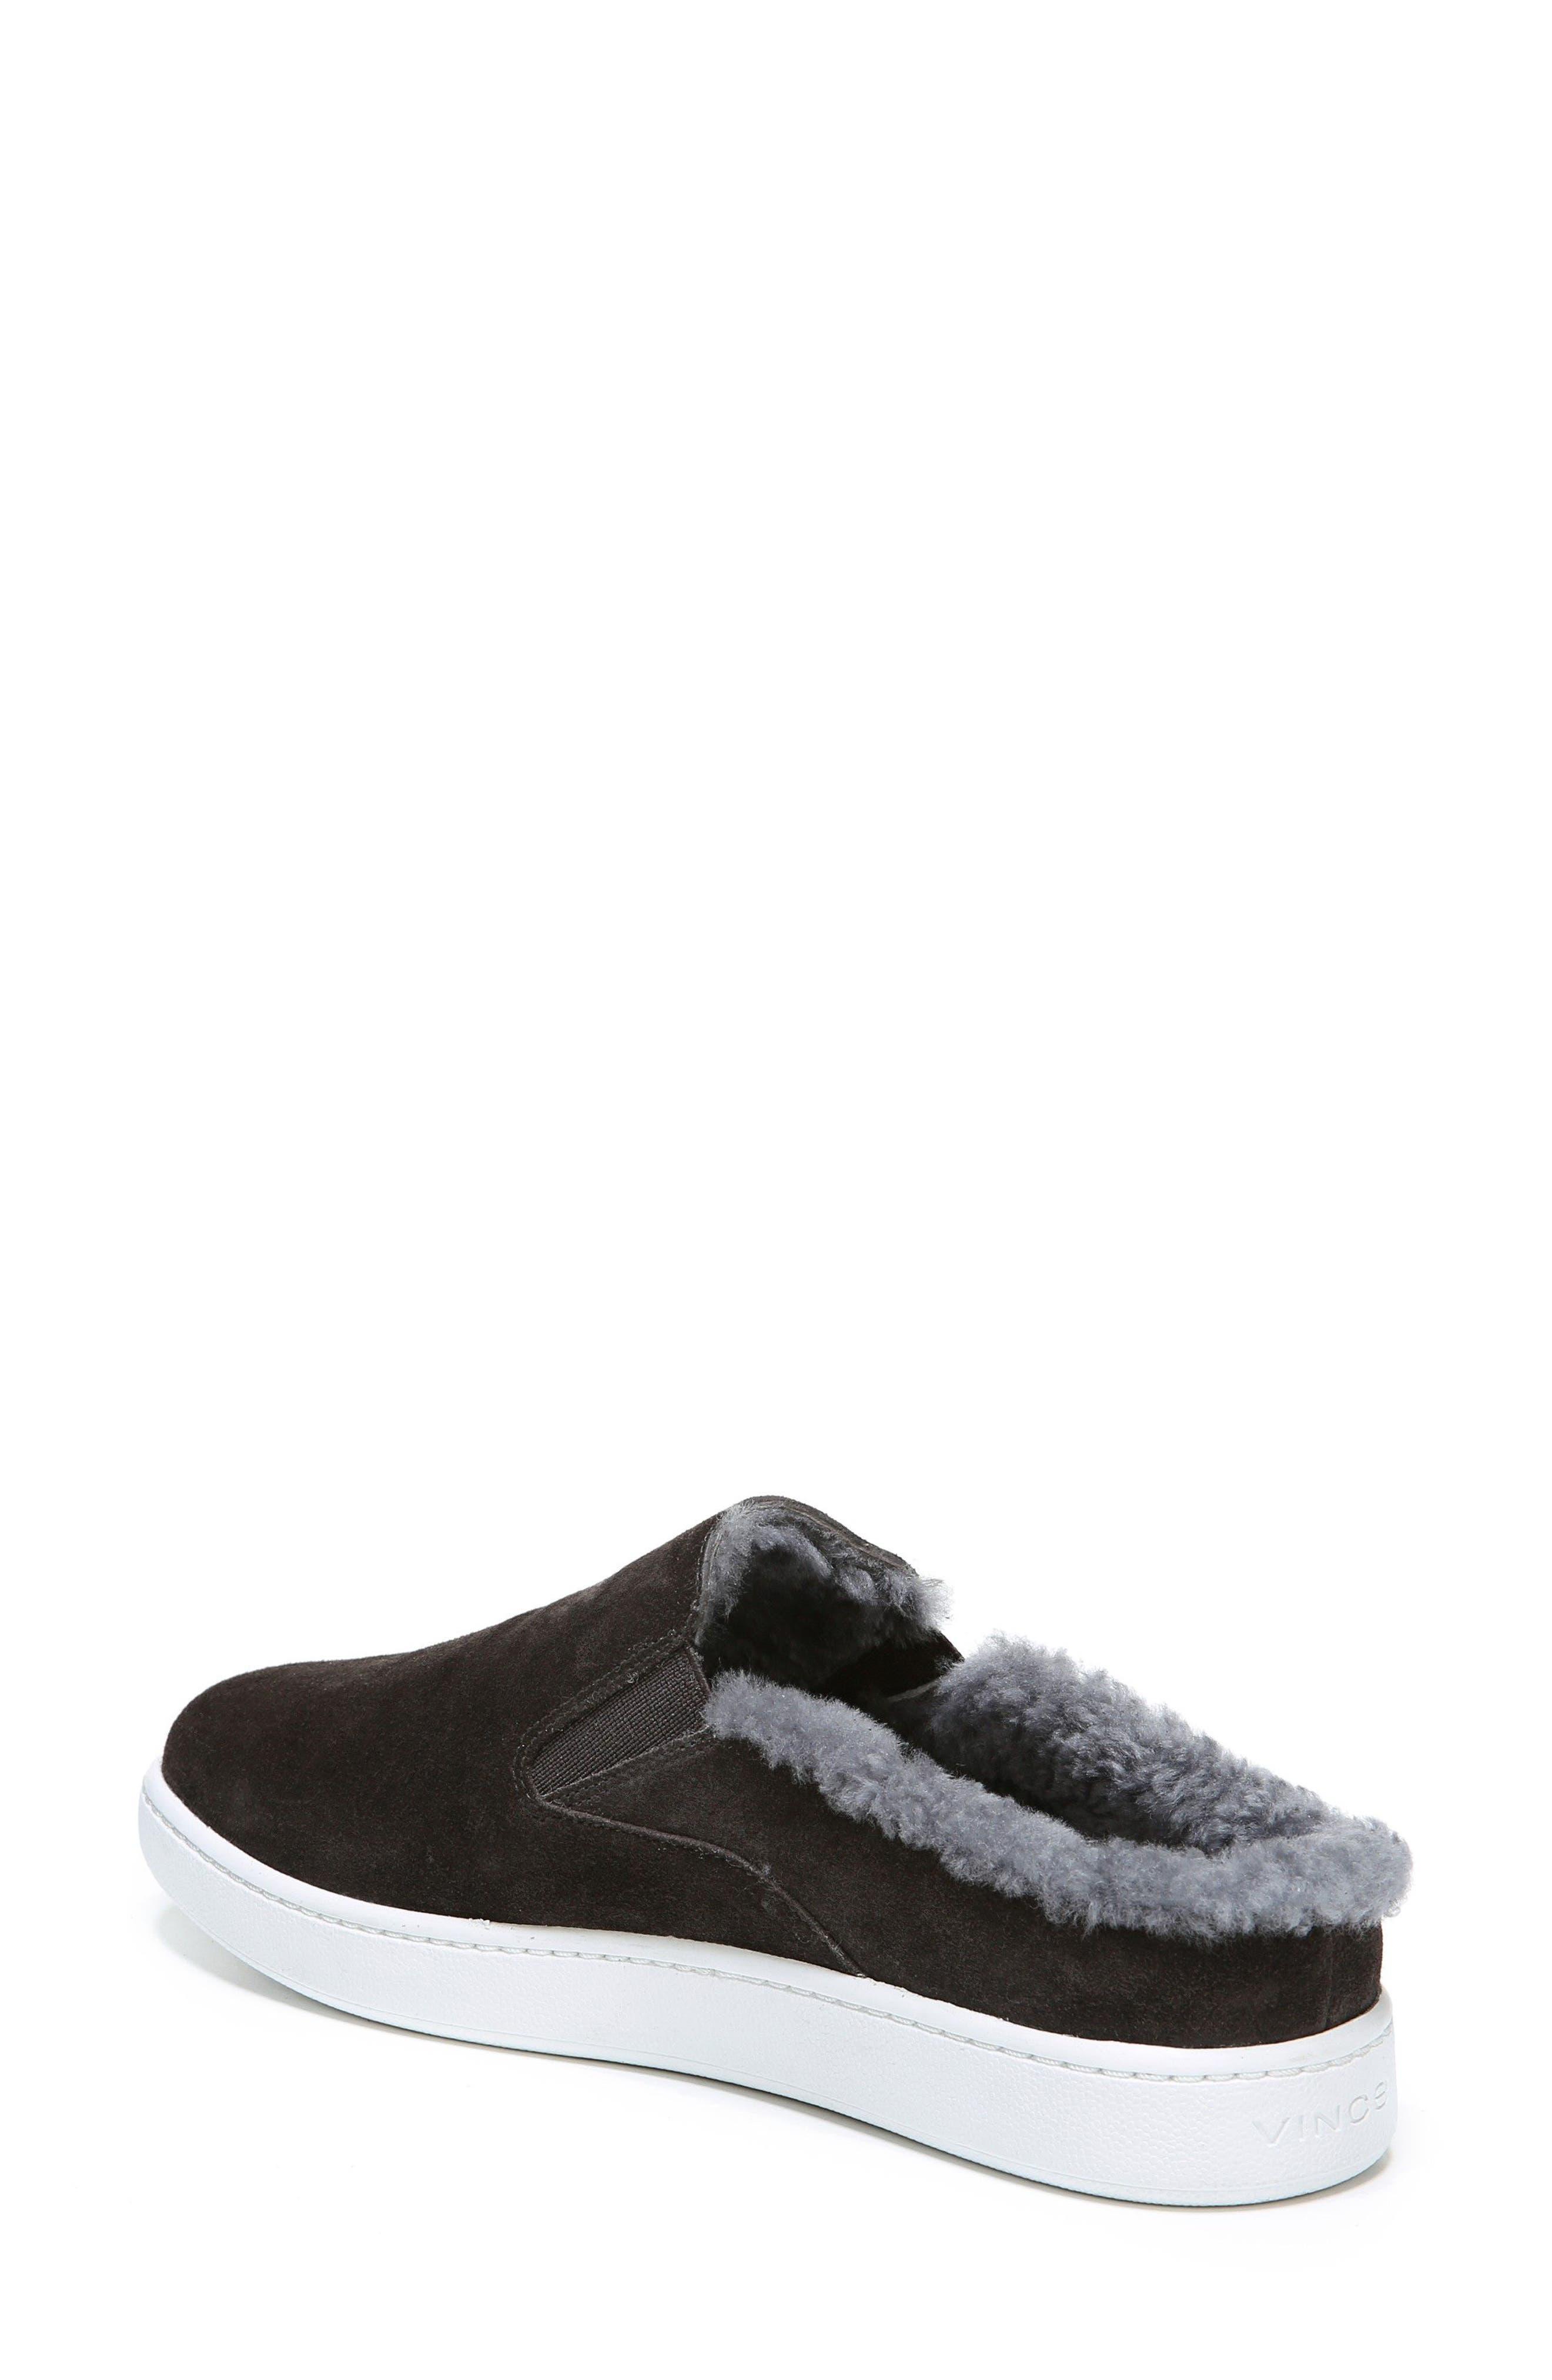 Alternate Image 2  - Vince Verrell Genuine Shearling Slip-On Sneaker (Women)